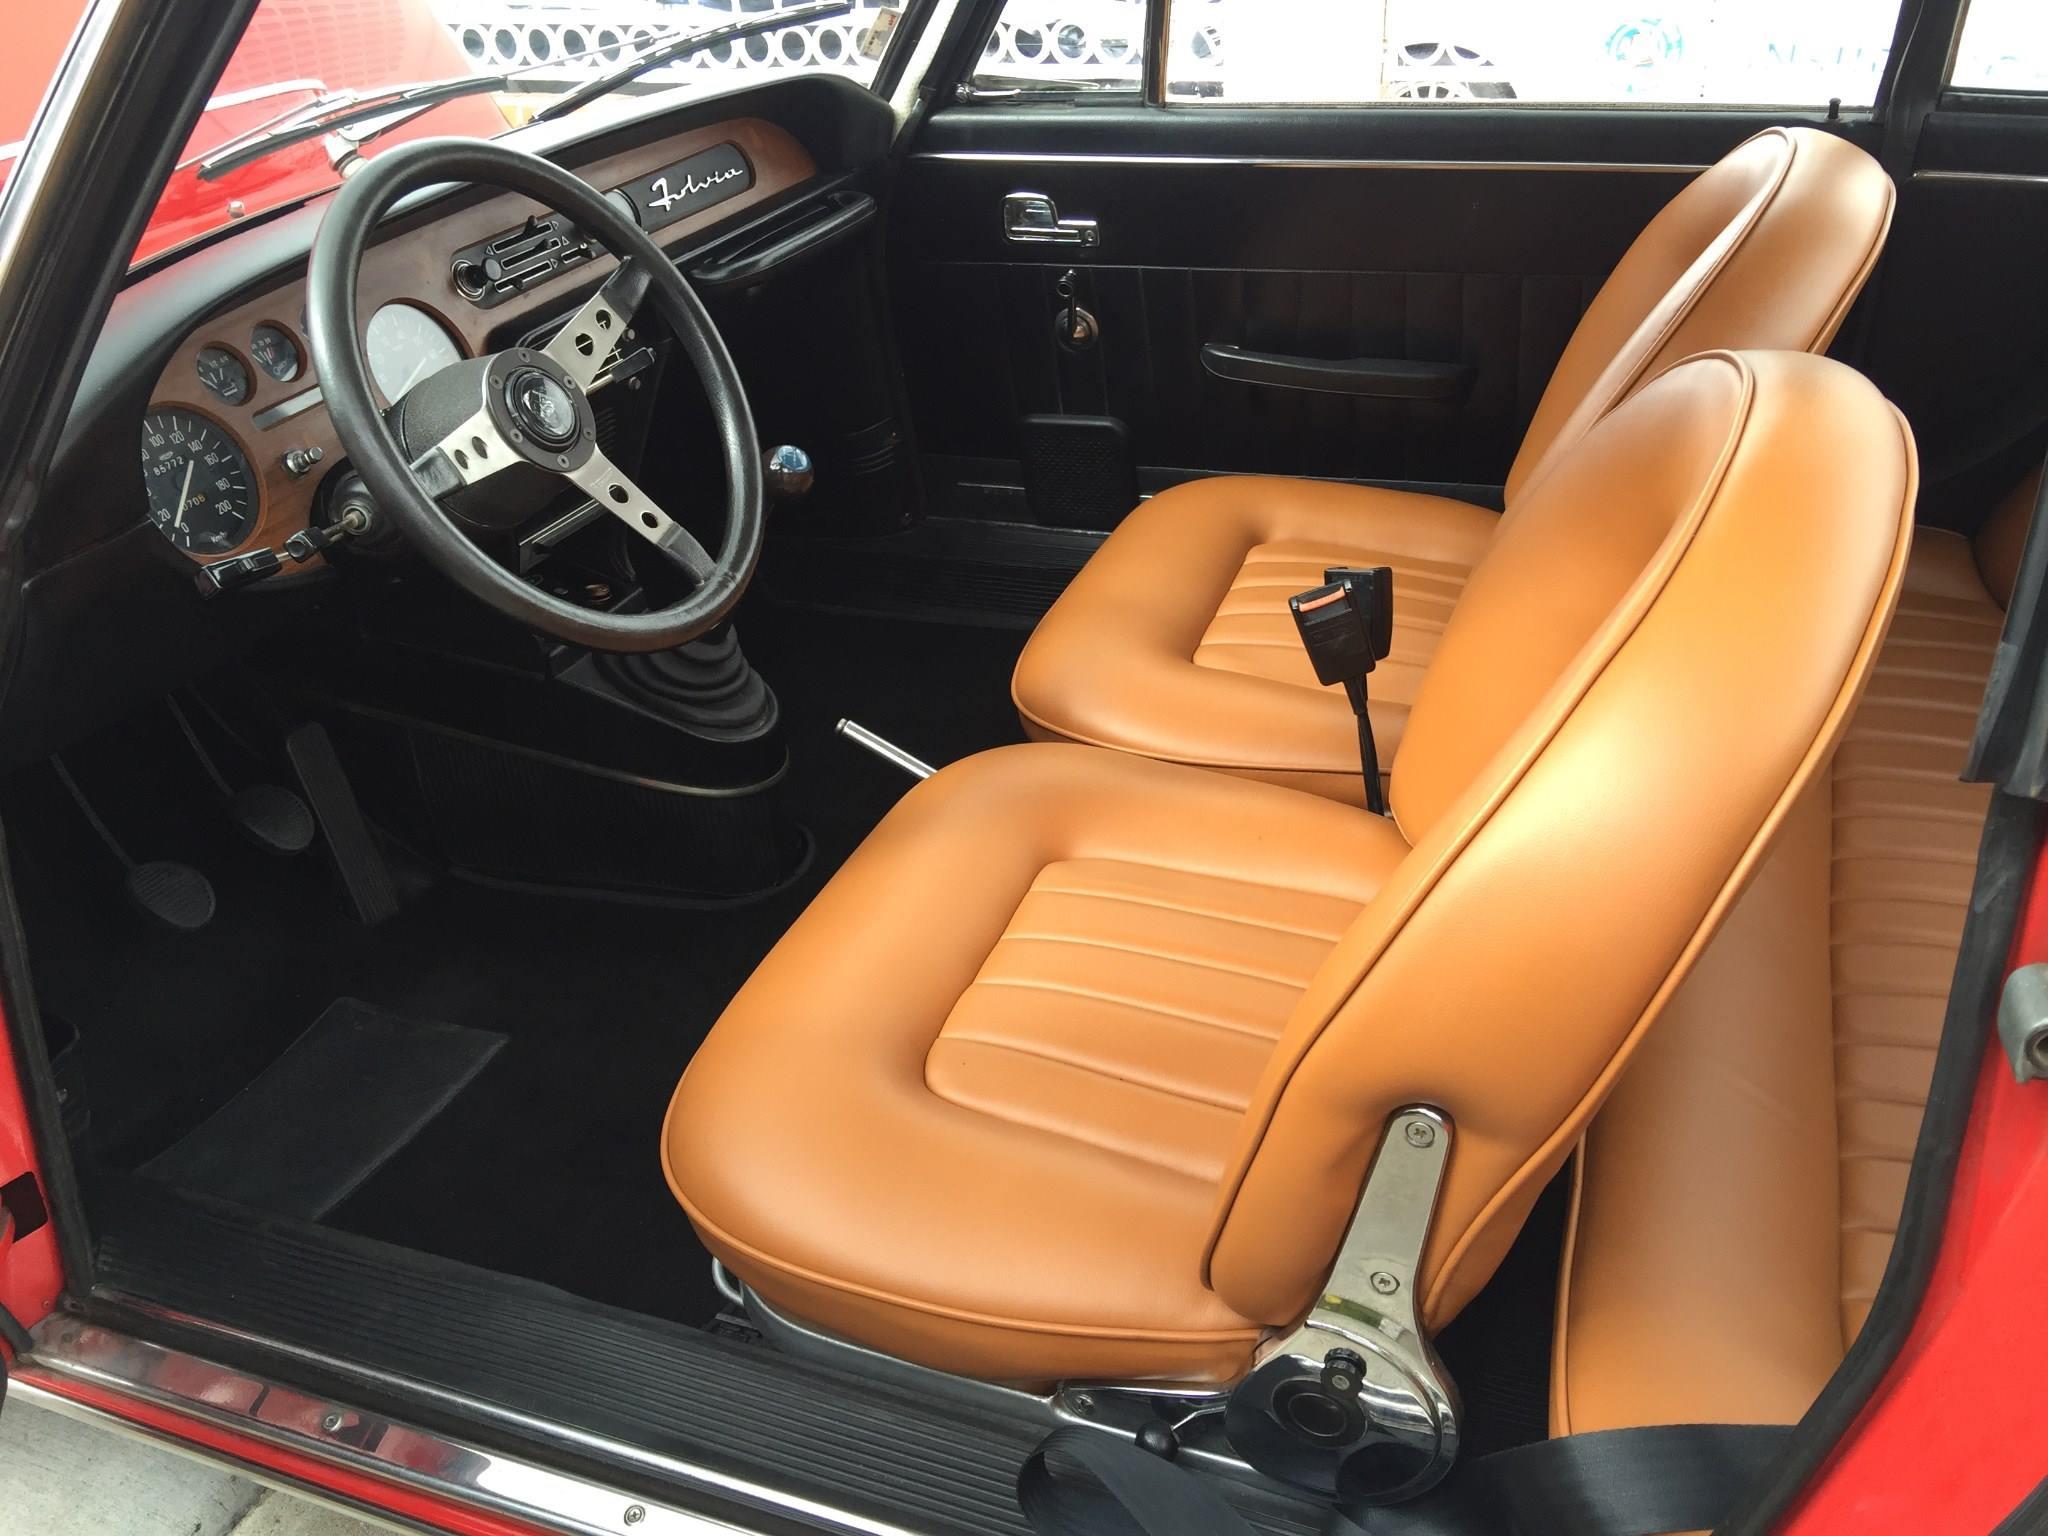 Lancia-Fulvia-Coupe-1-3-S-2